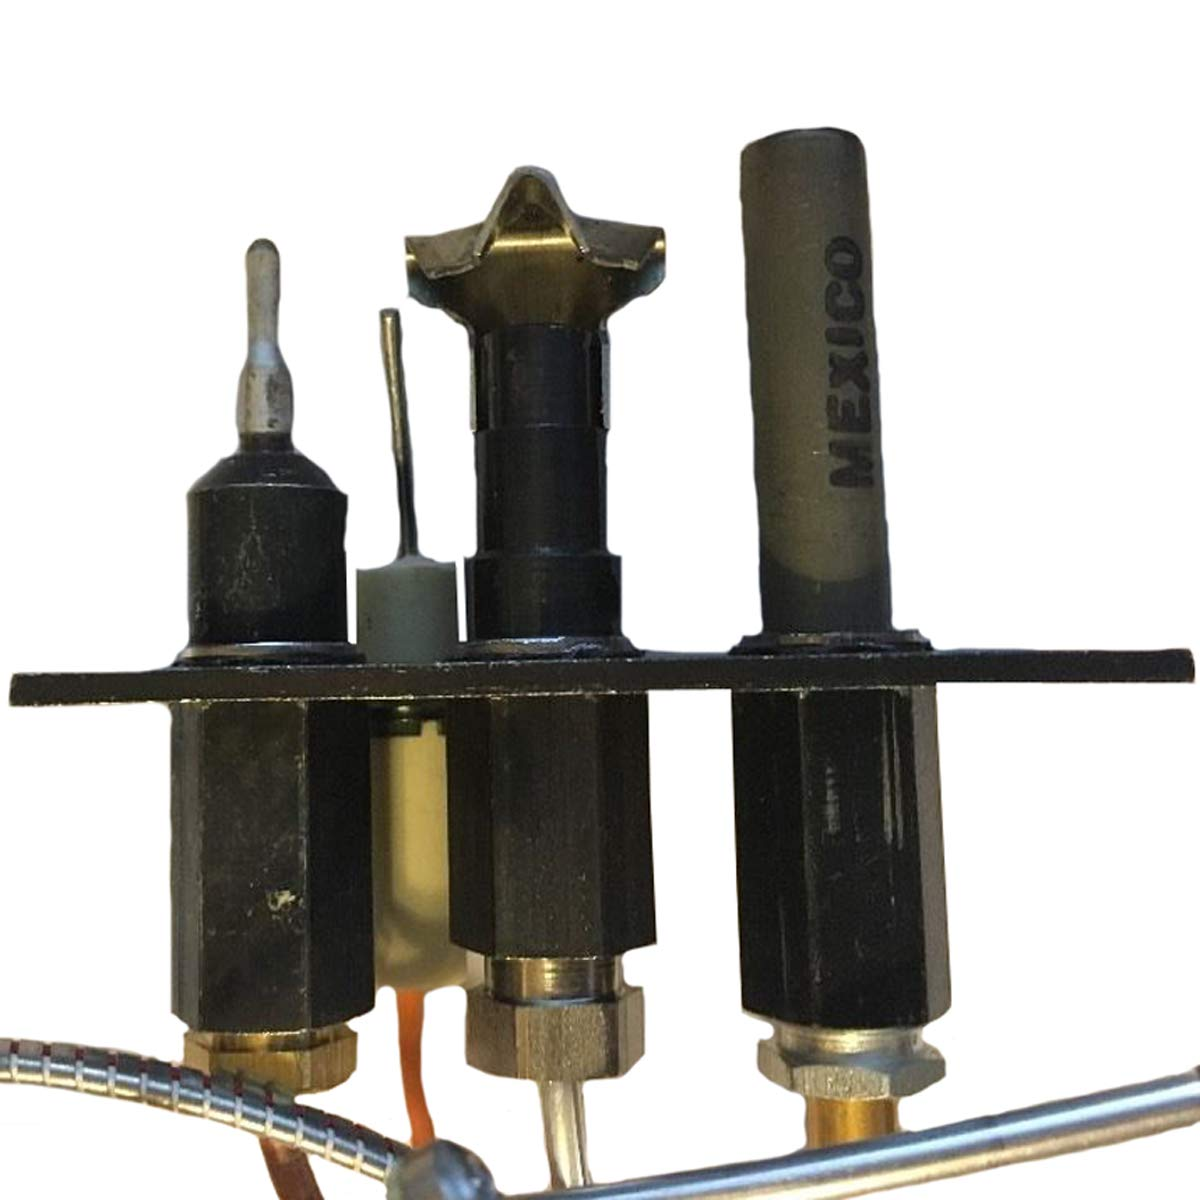 Heatilator & Heat-N-Glo Propane Gas Pilot Assembly 4021-737 by Heatilator